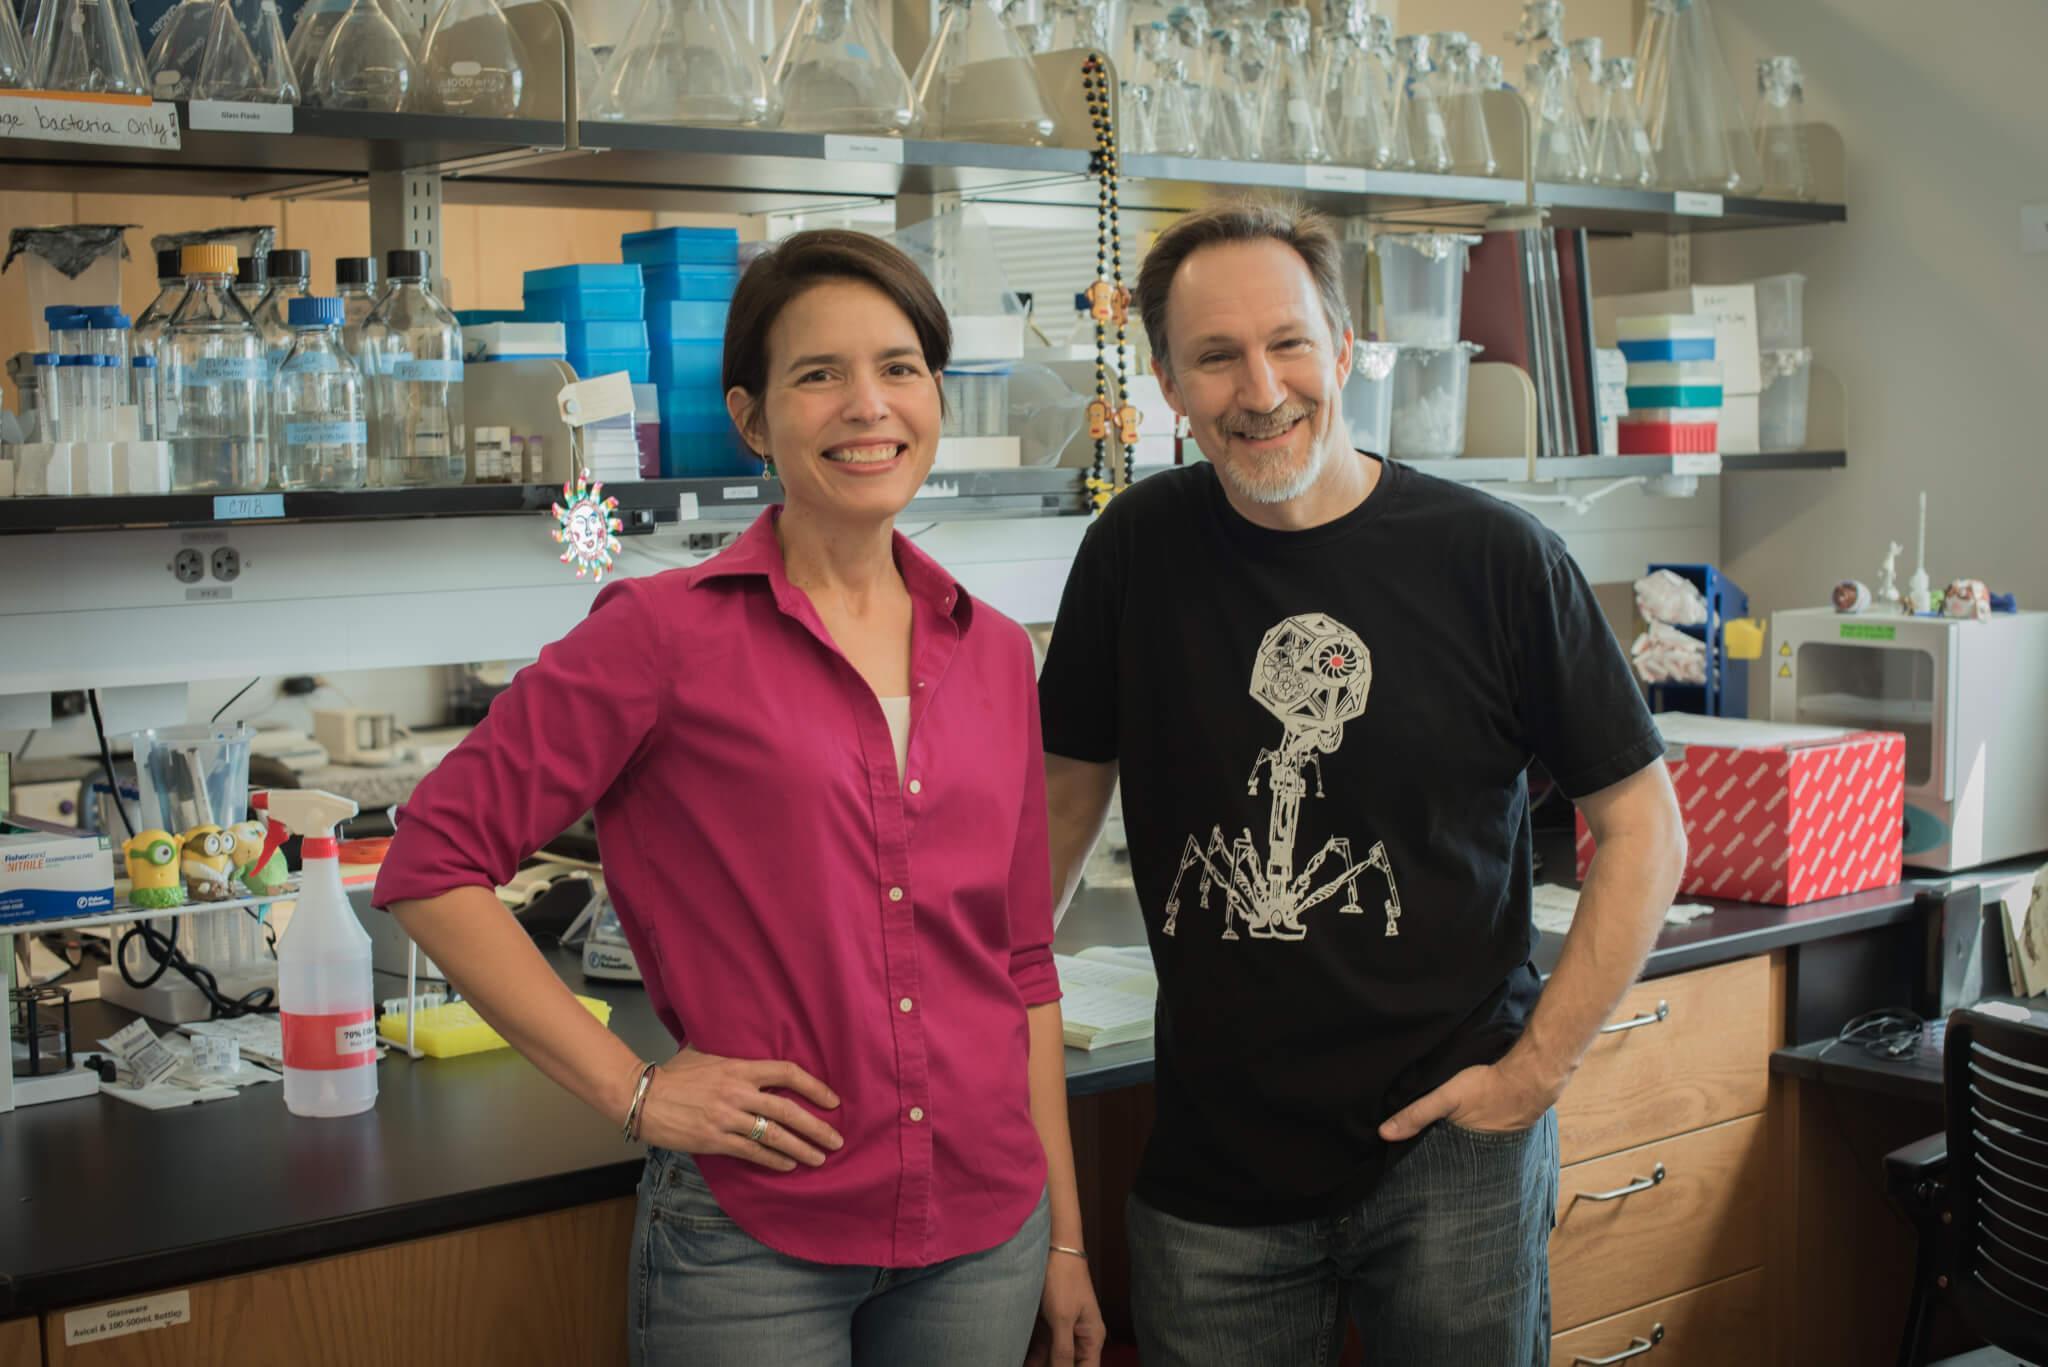 FGCU faculty members study Zika virus on campus